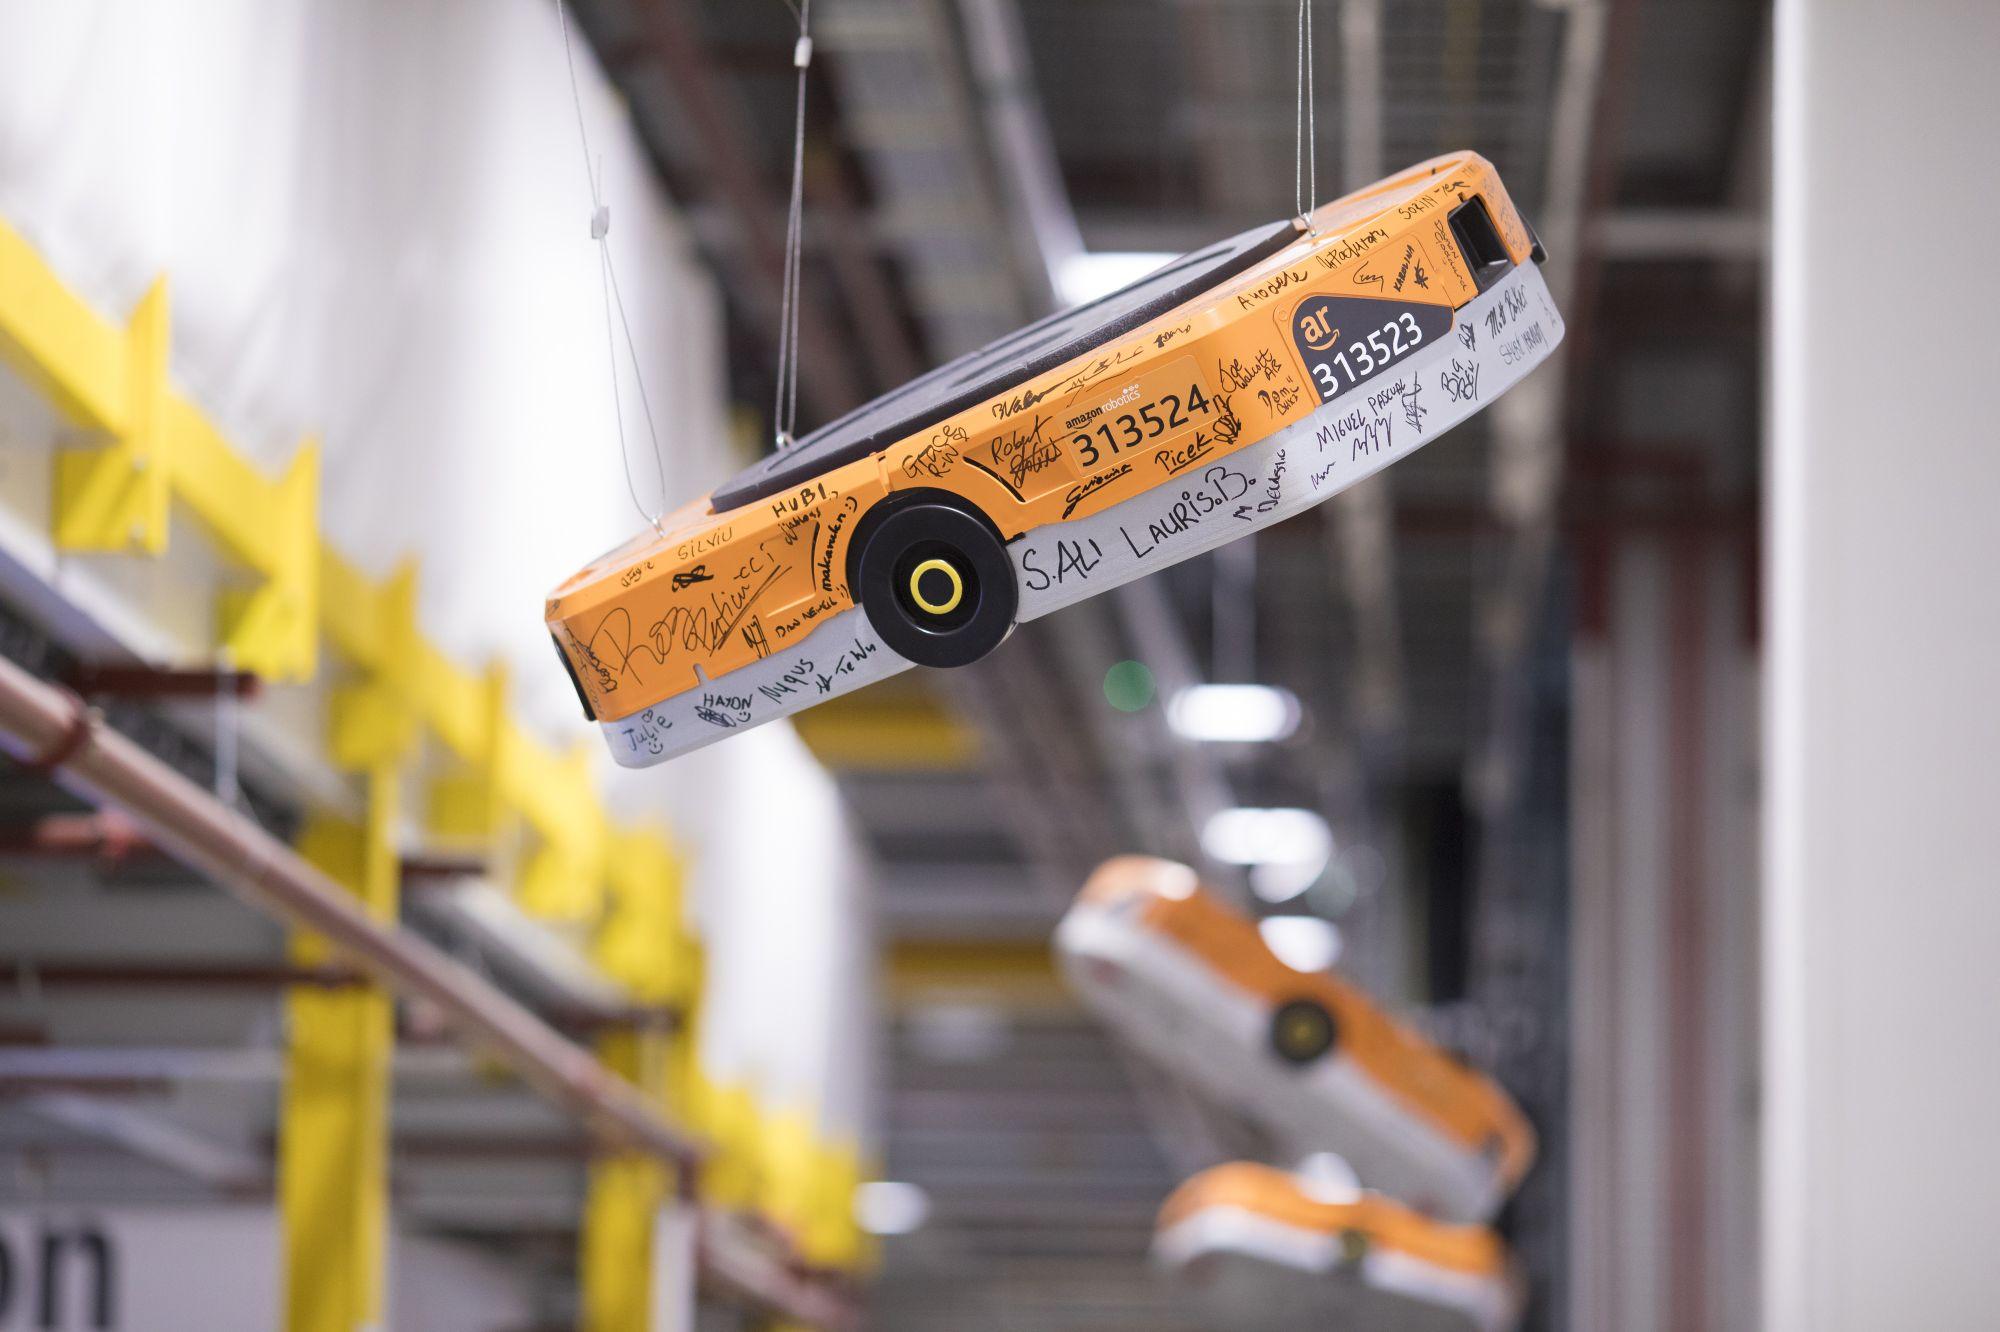 Не все маркетплейсы «бестелесны». Amazon, кпримеру, выстраивает собственную торговую инфраструктуру смаксимальной степенью автоматизации, включая доставку дронами ироботизированные склады.